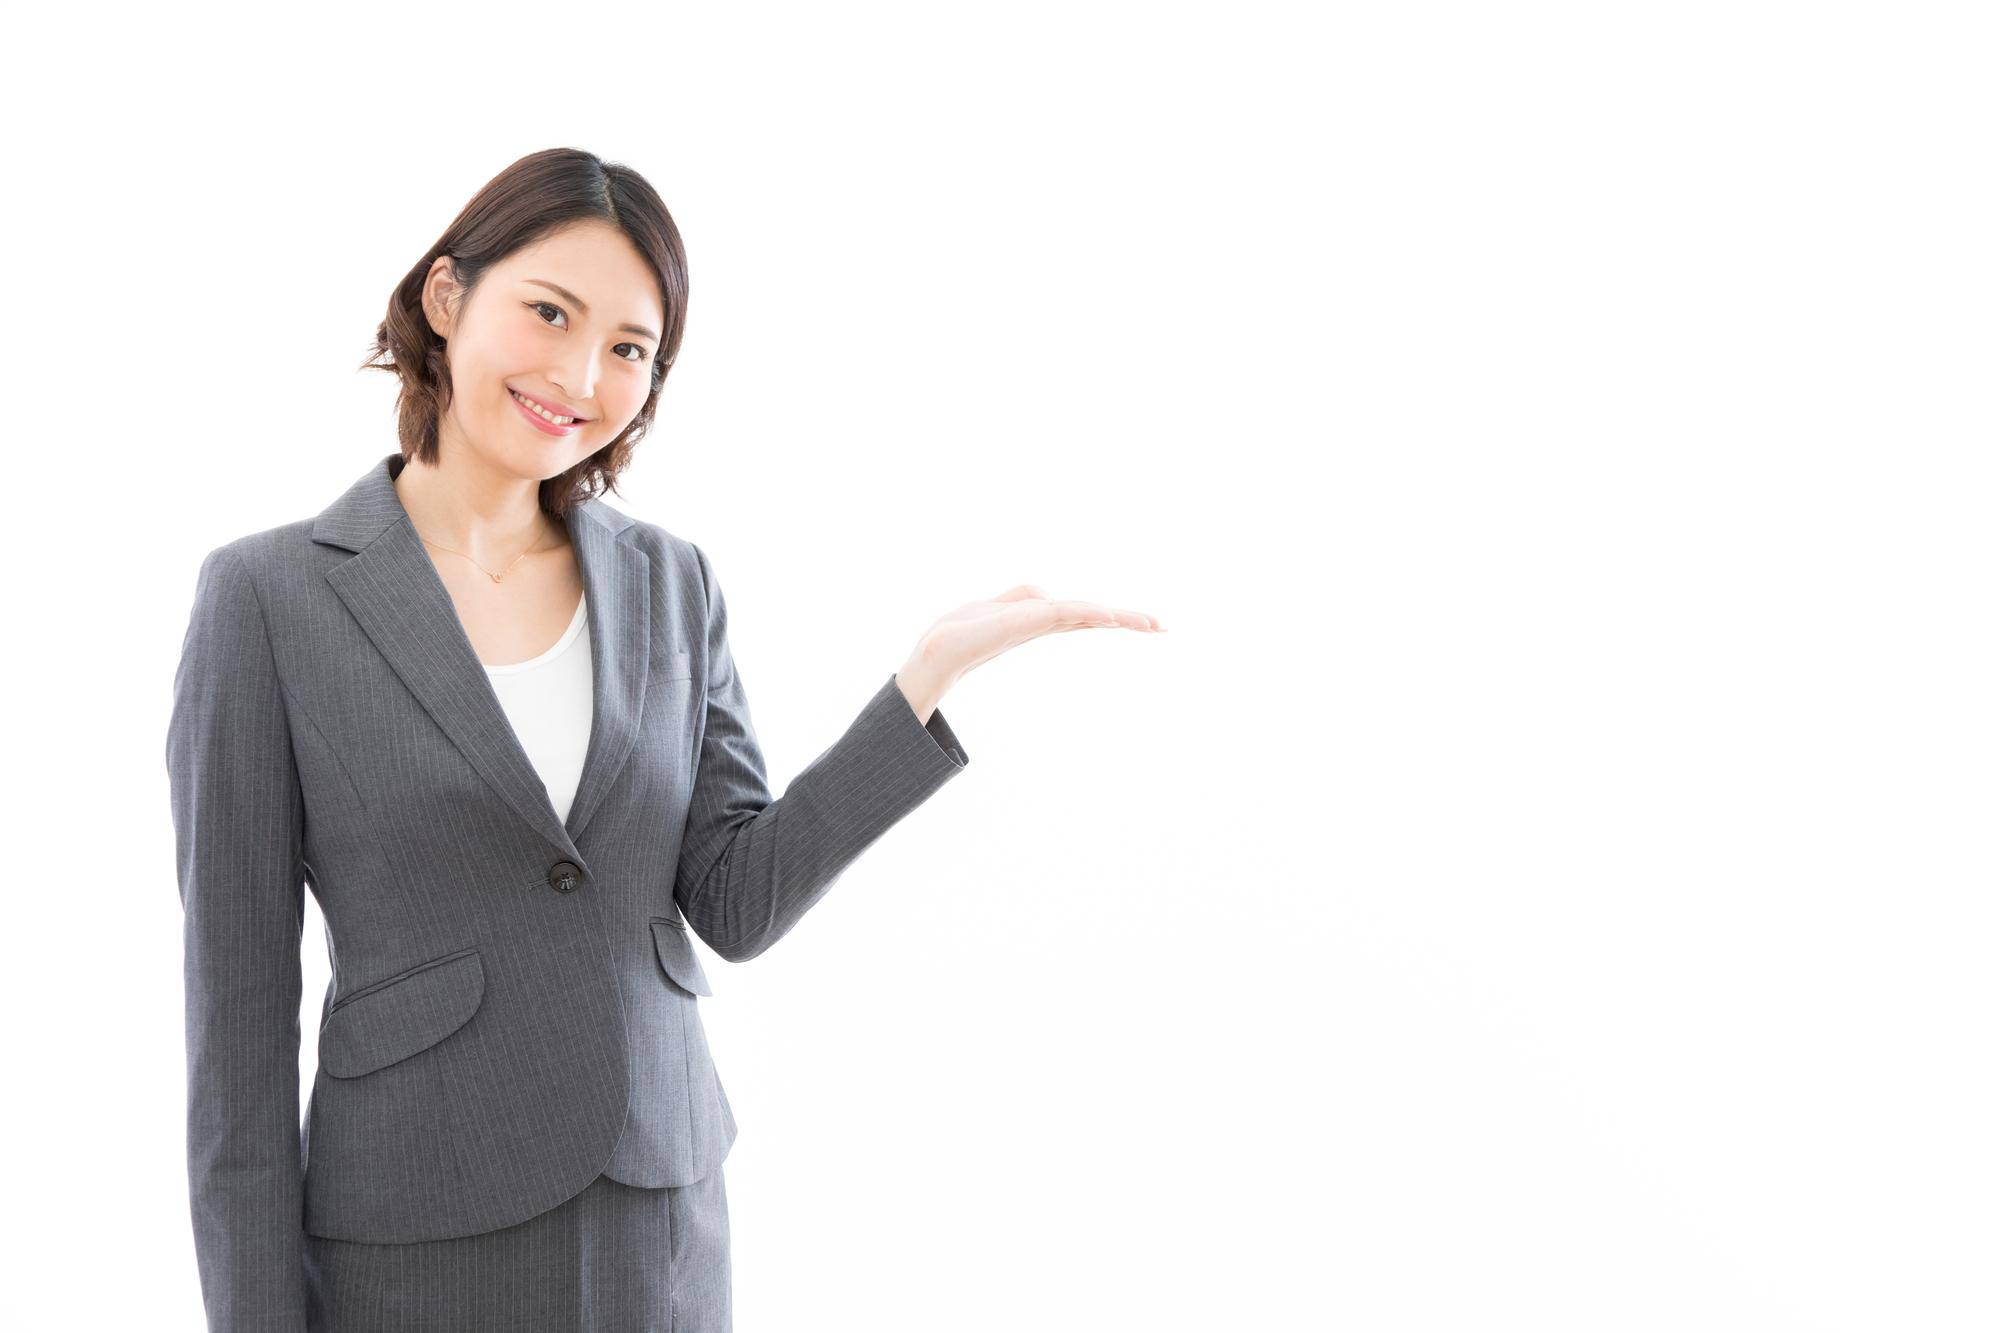 サブスクライフを法人利用するメリットを紹介する女性